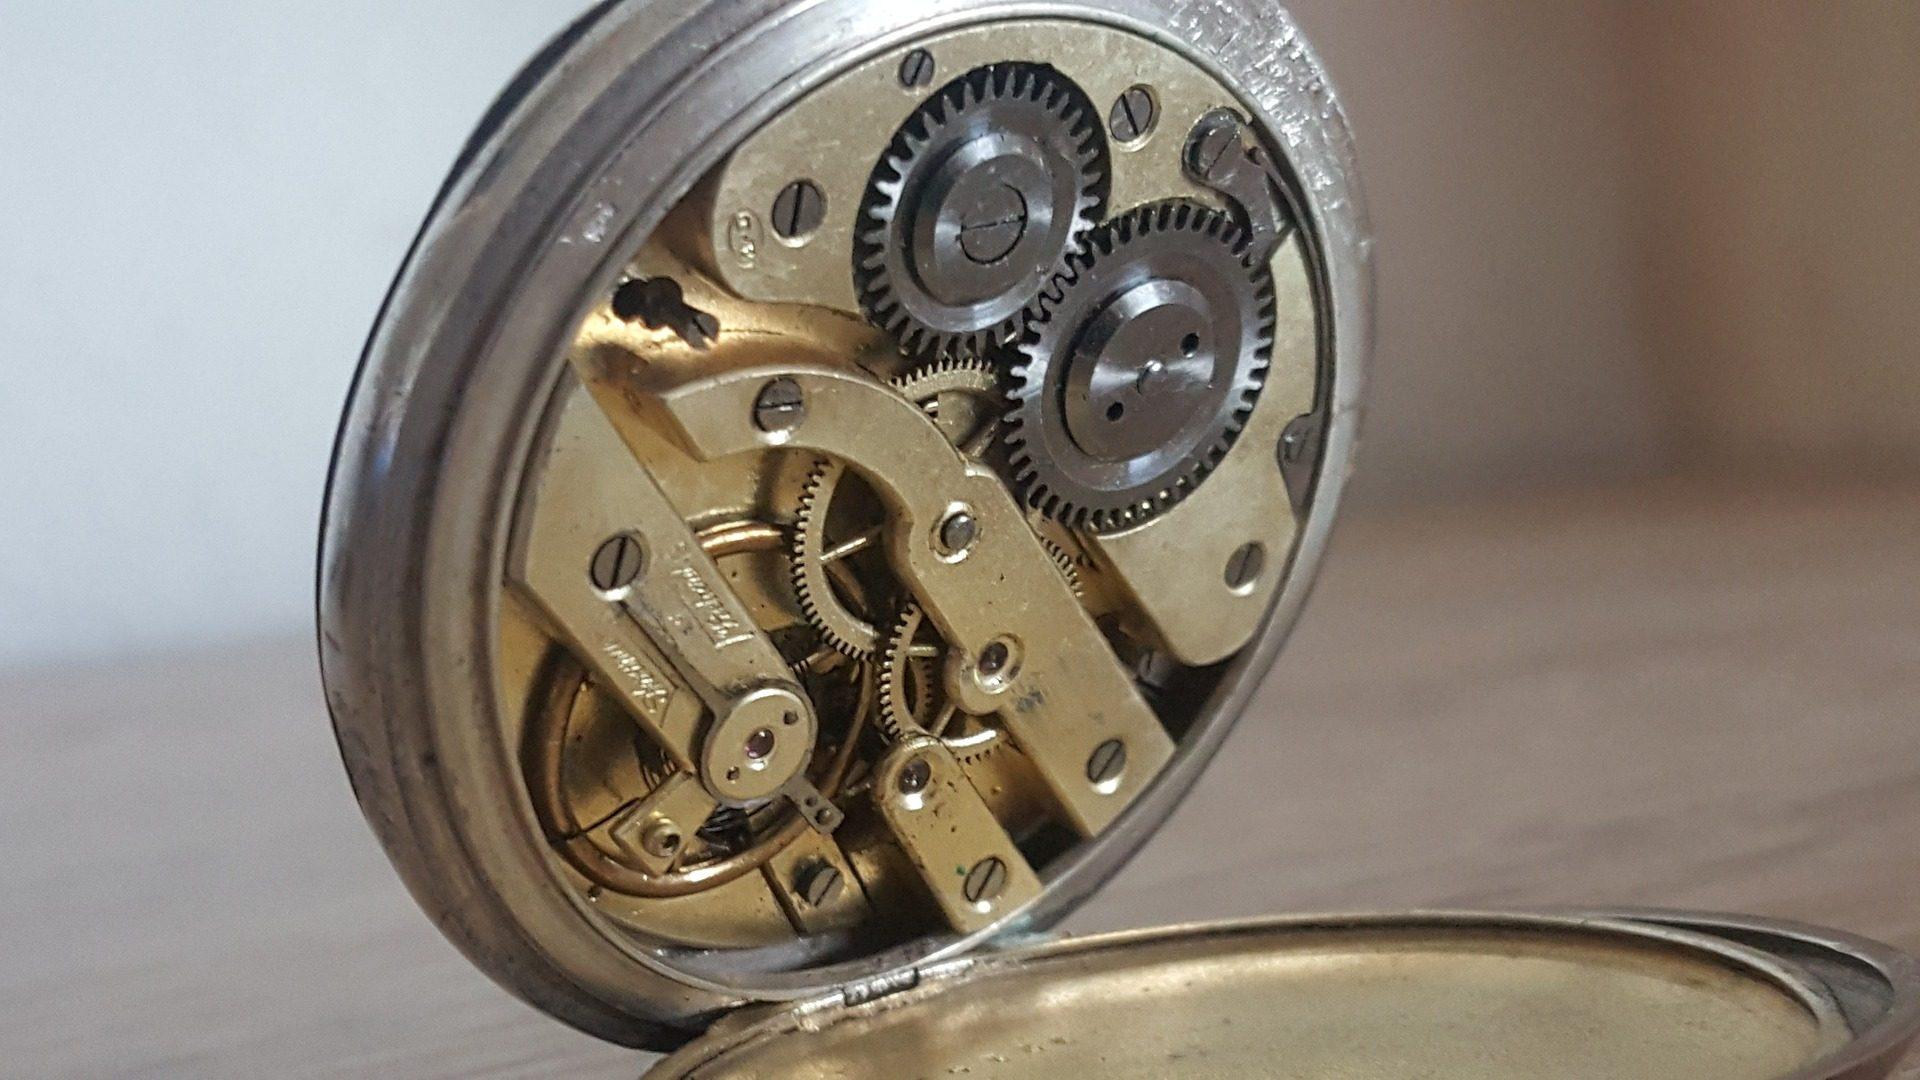 時計, 時間, メカニズム, 歯車, 金属 - HD の壁紙 - 教授-falken.com